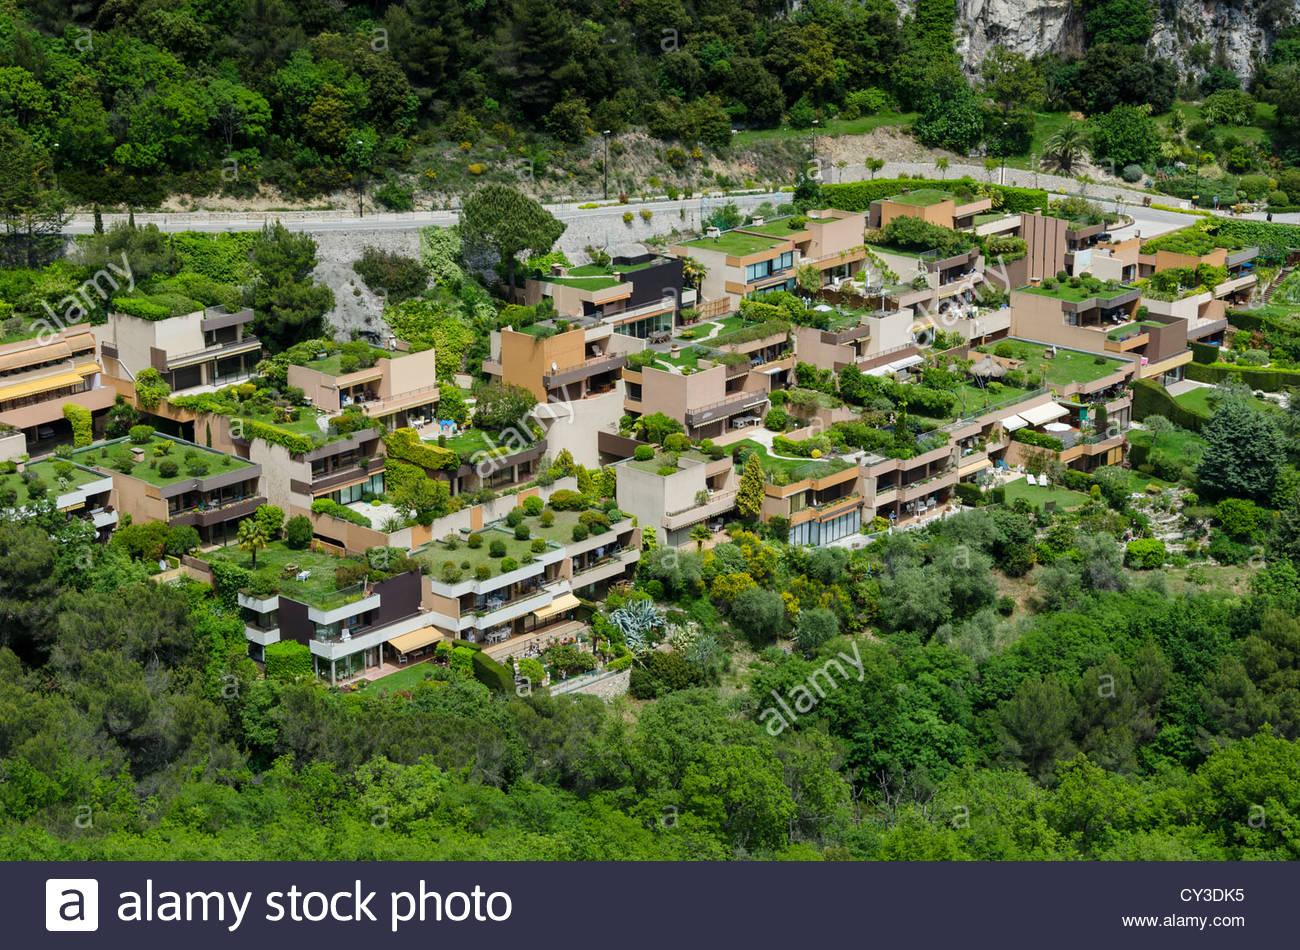 le jardins de libac housing development with roof gardens eze france CY3DK5